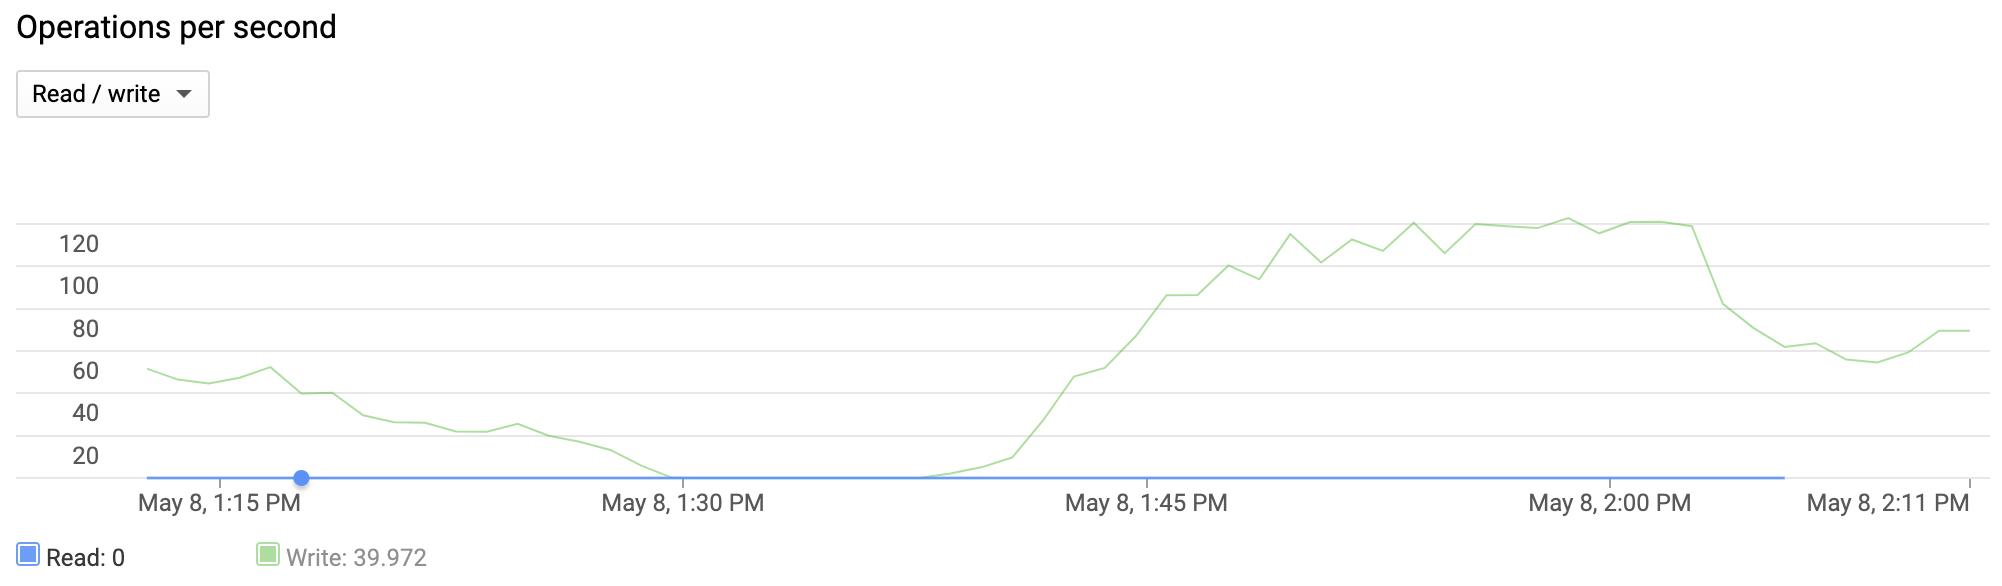 この折れ線グラフは、インスタンスで過去 1 時間に毎秒 0~125 の書き込みオペレーションが発生したことを表しています。